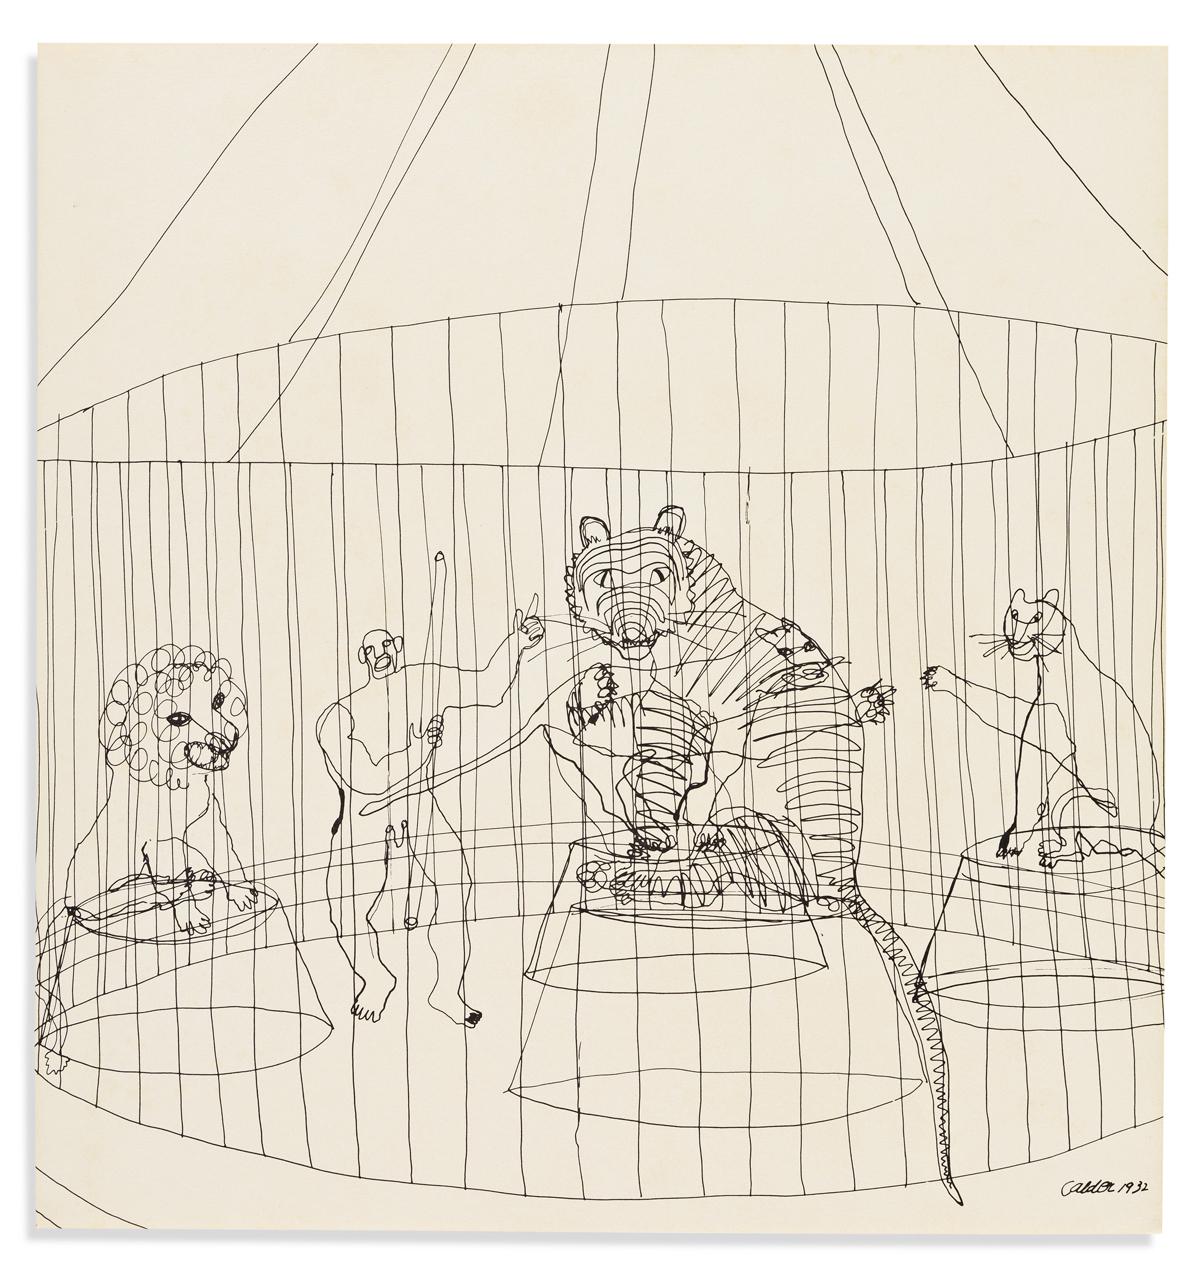 CALDER, ALEXANDER. Calders Circus.